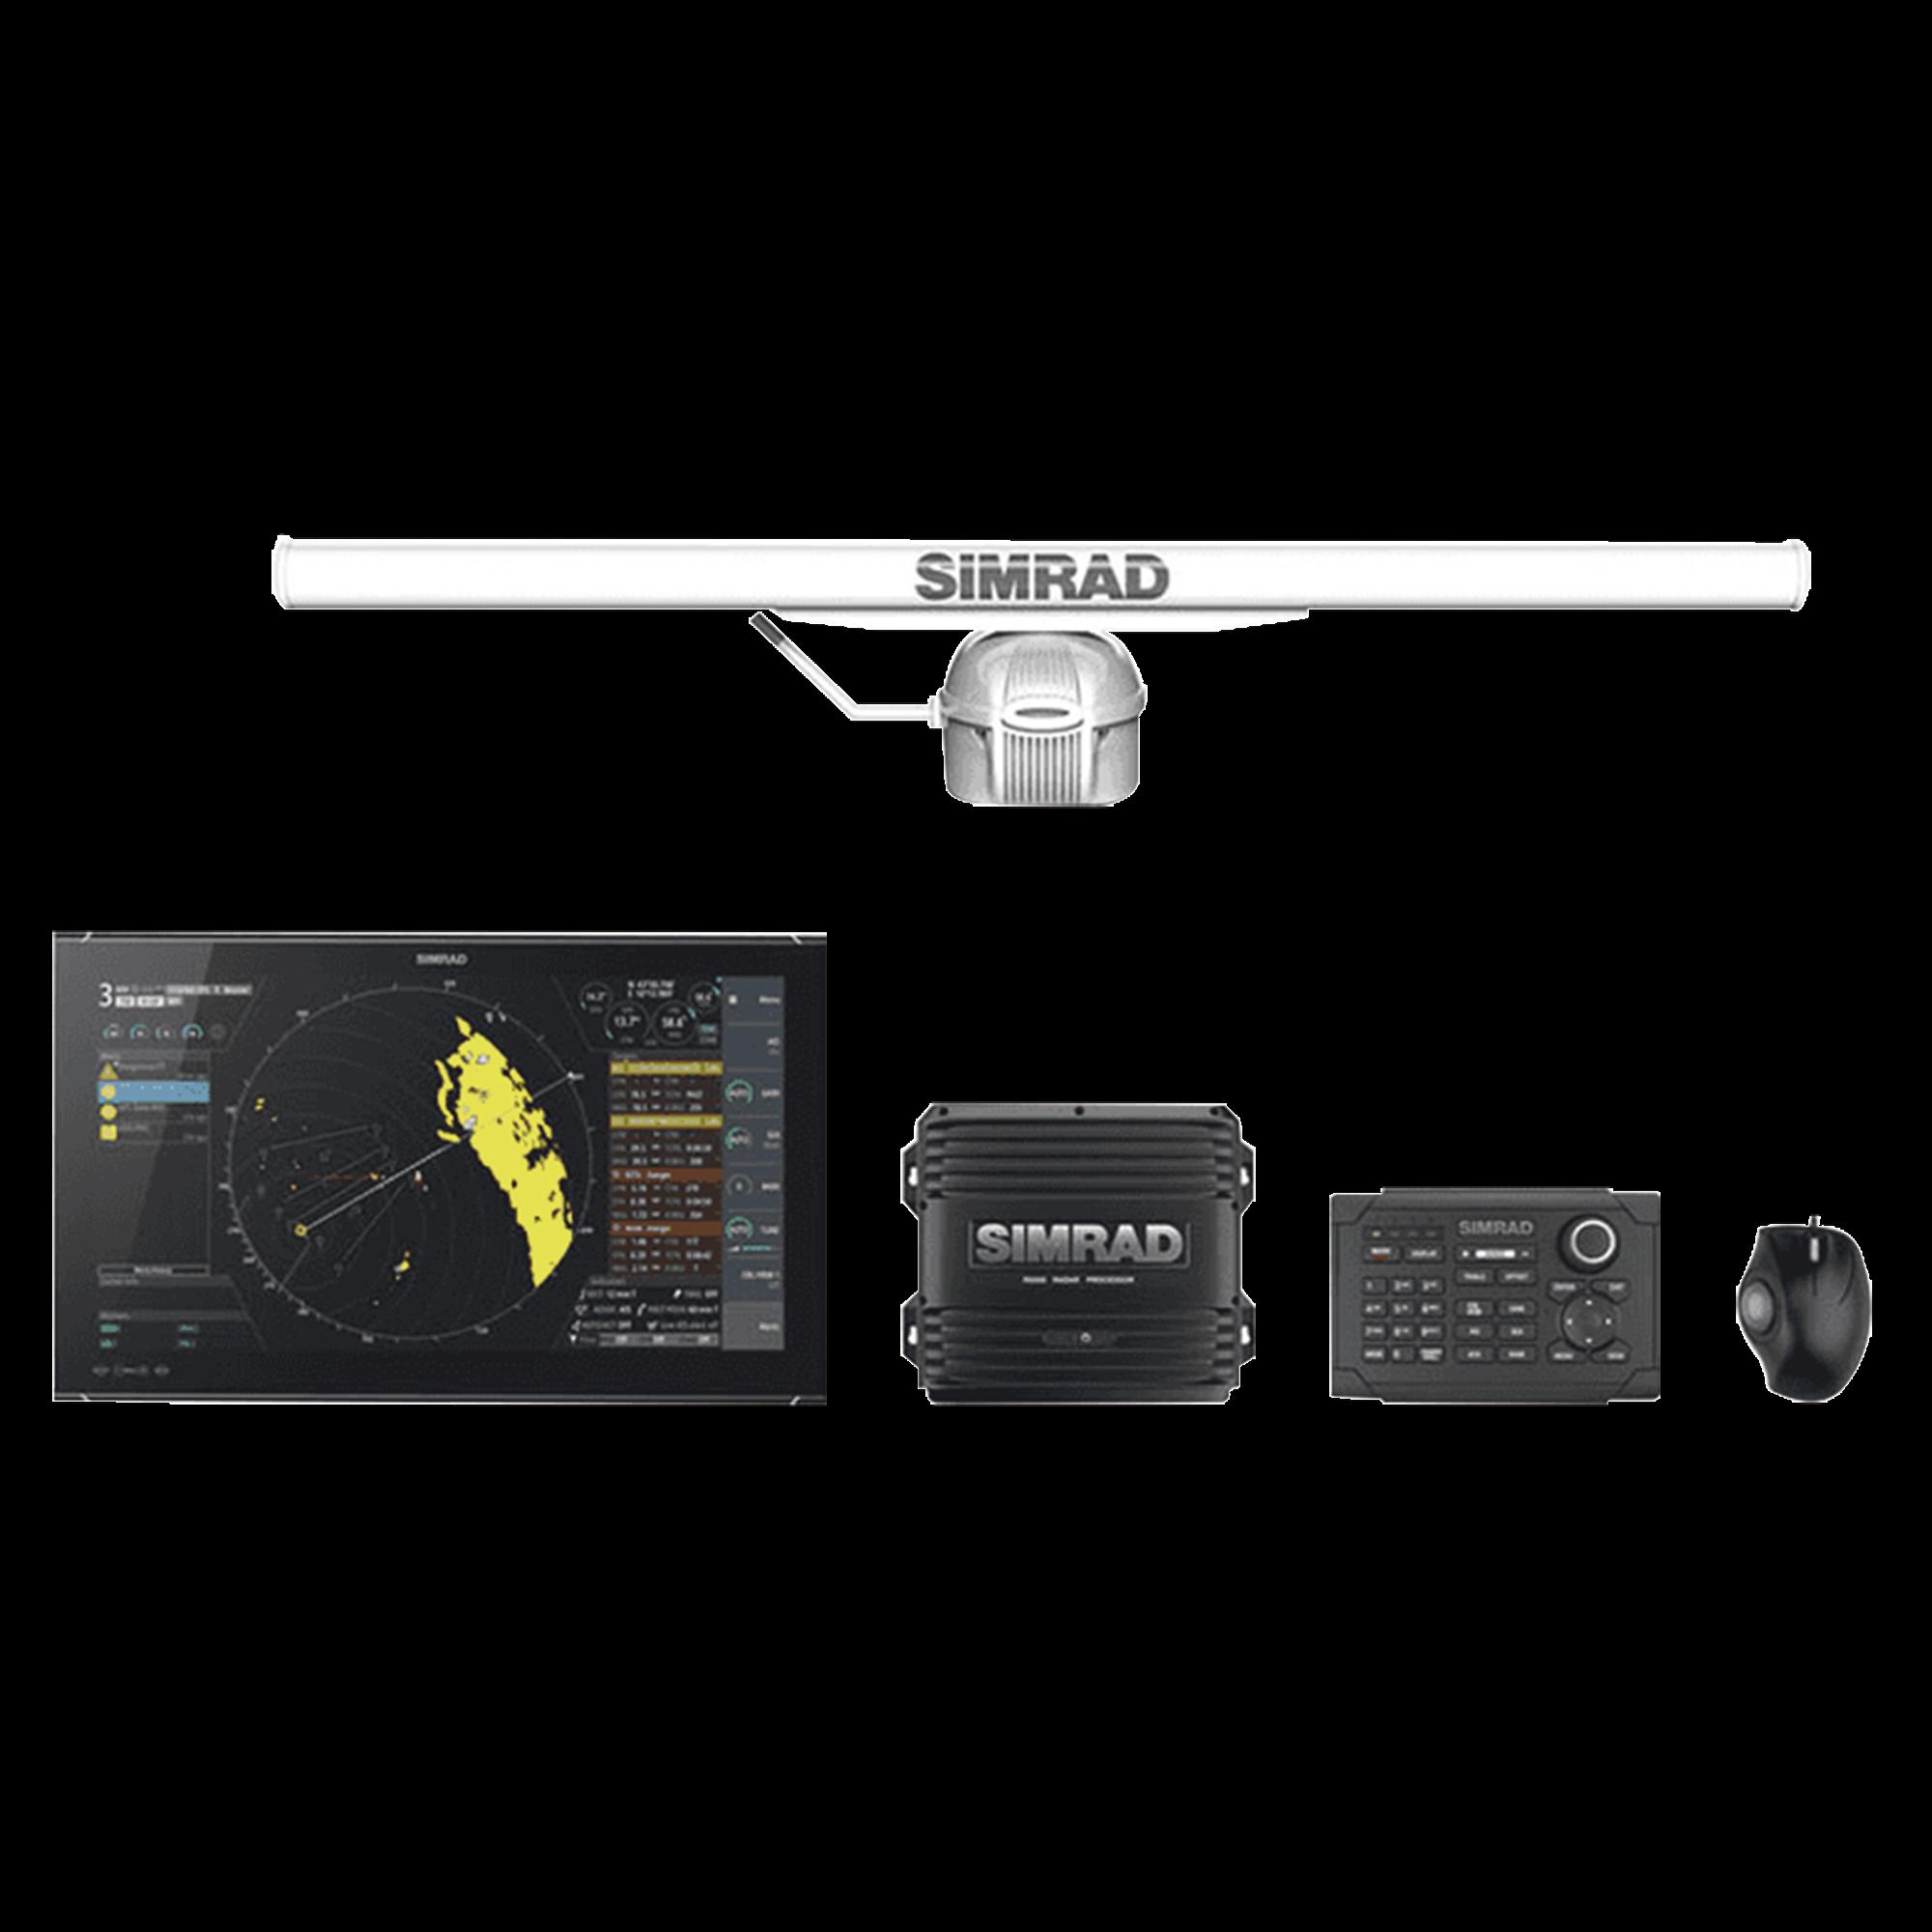 SIMRAD r5027 25u / 6x: sistema de radar de banda X